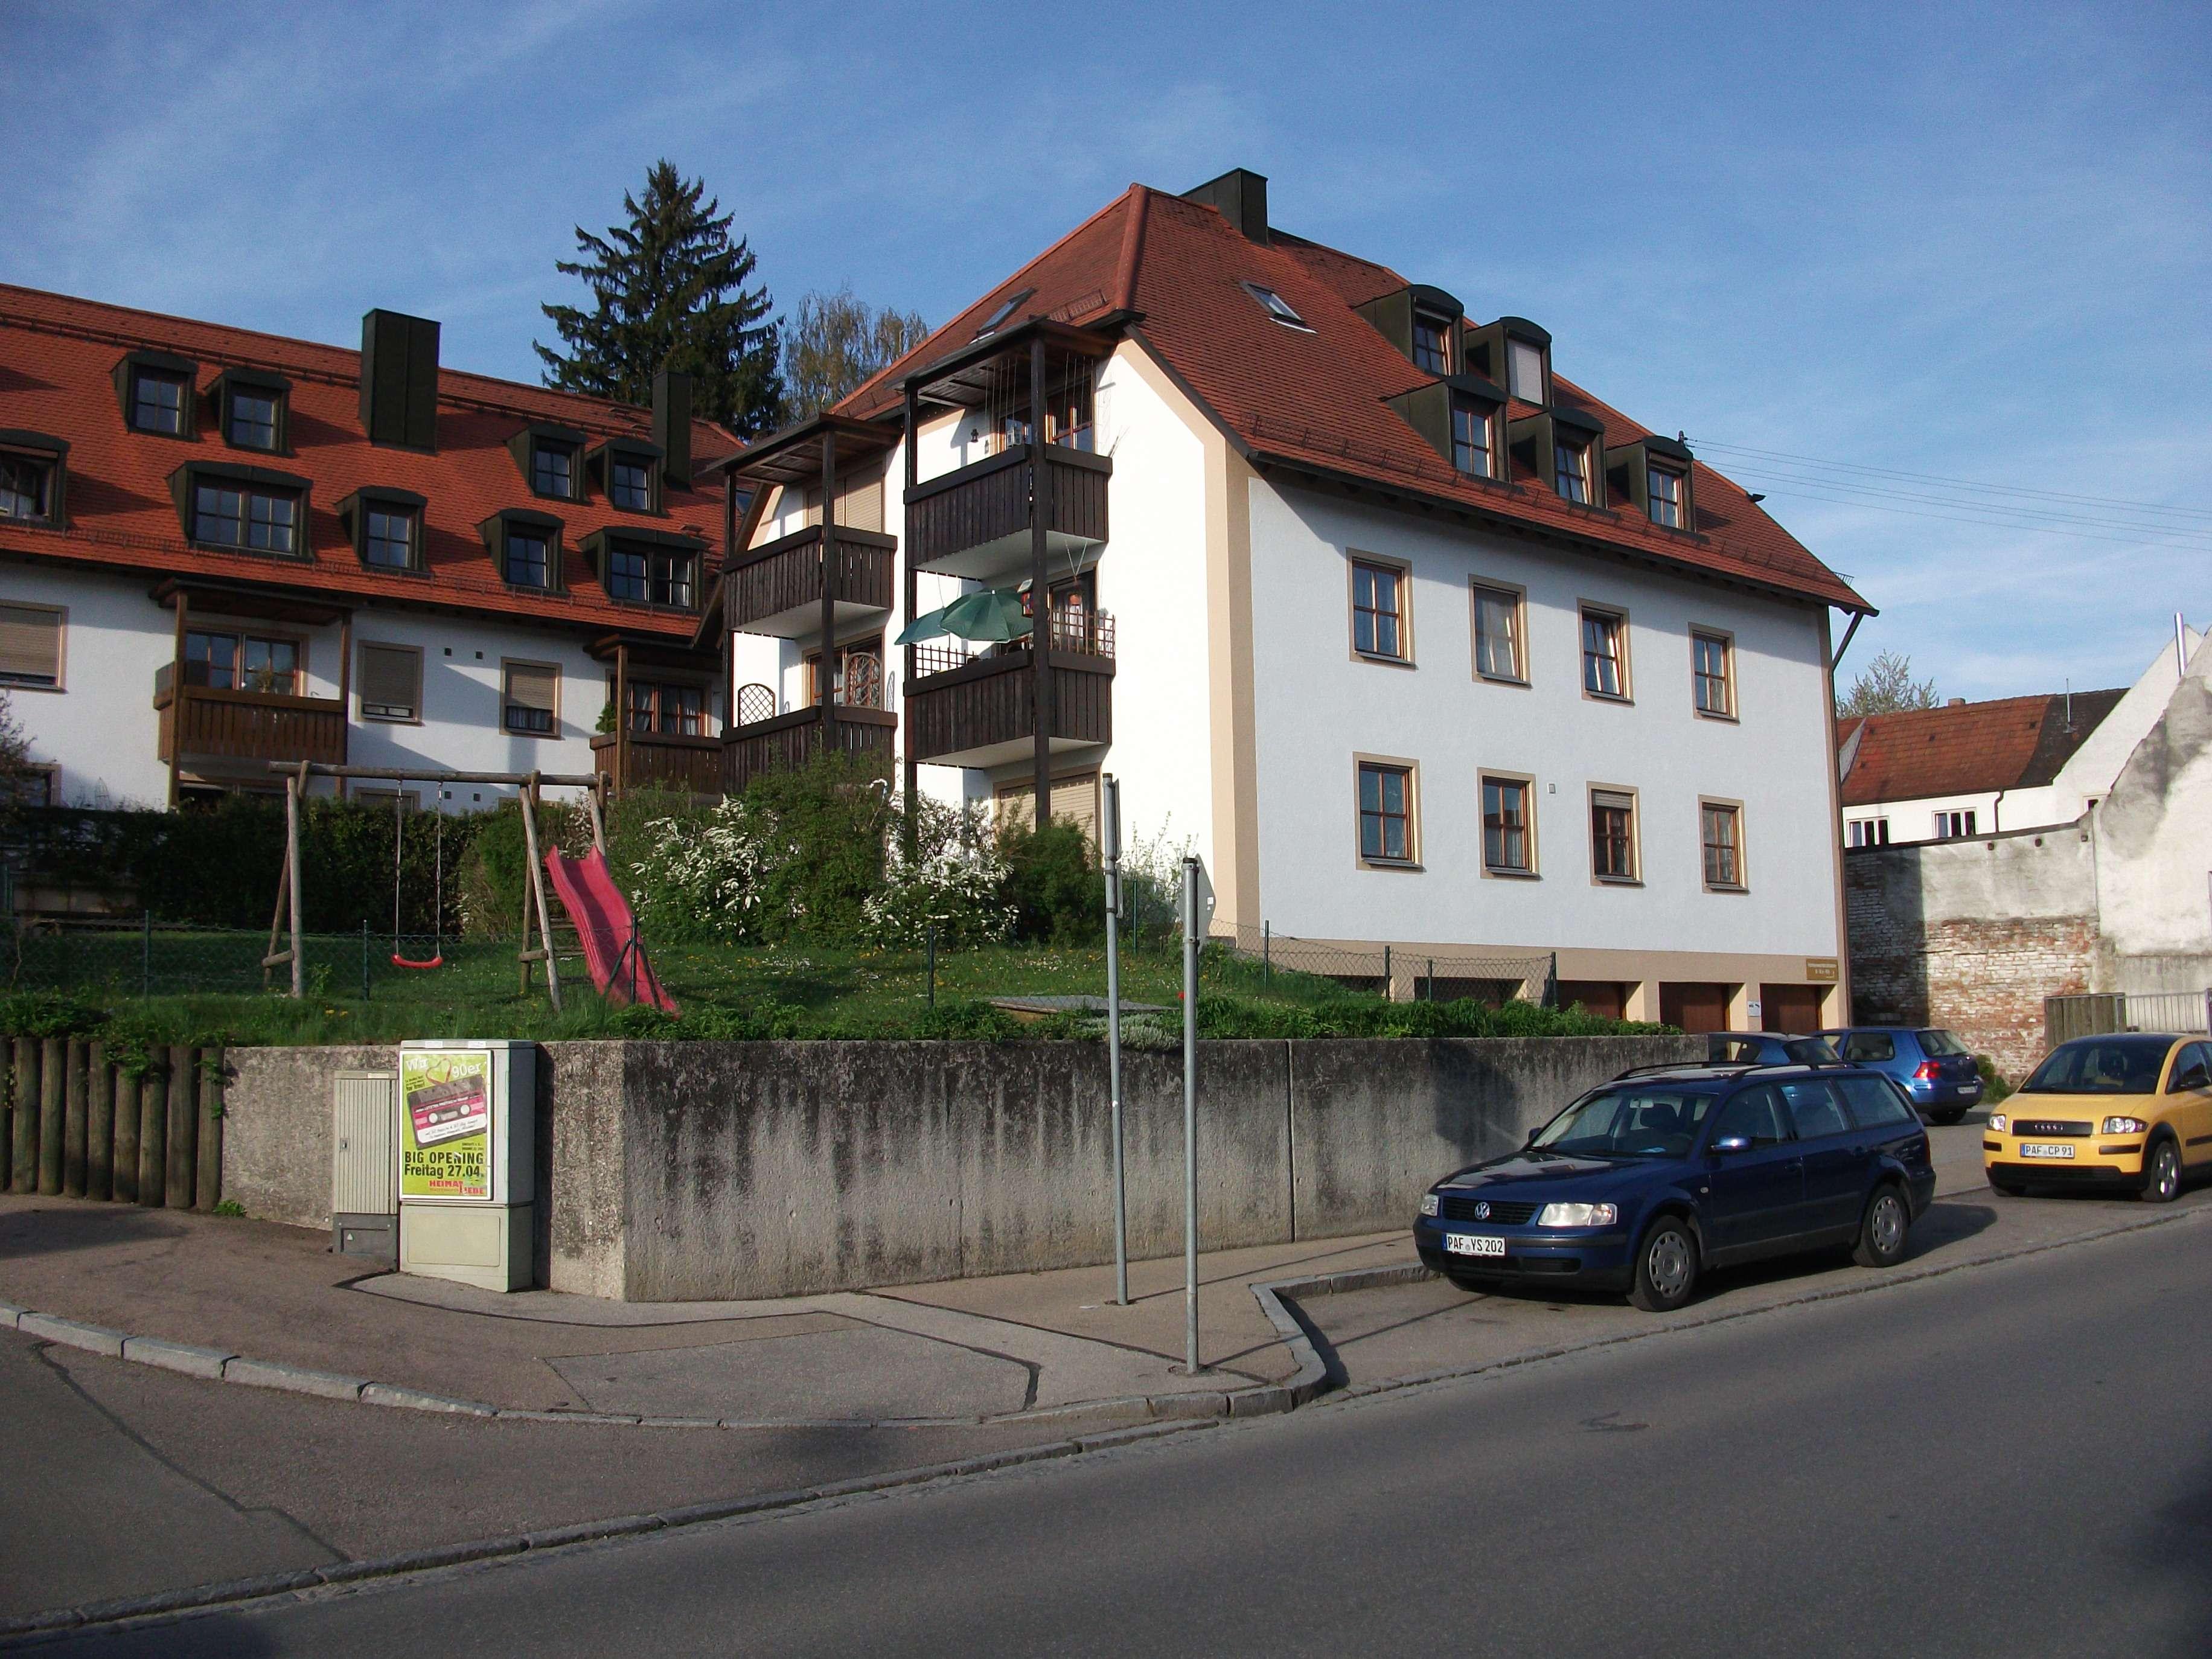 Stilvolle, helle, gepflegte 2-Zimmer-Erdgeschosswohnung mit Terrasse in Pfaffenhofen an der Ilm in Pfaffenhofen an der Ilm